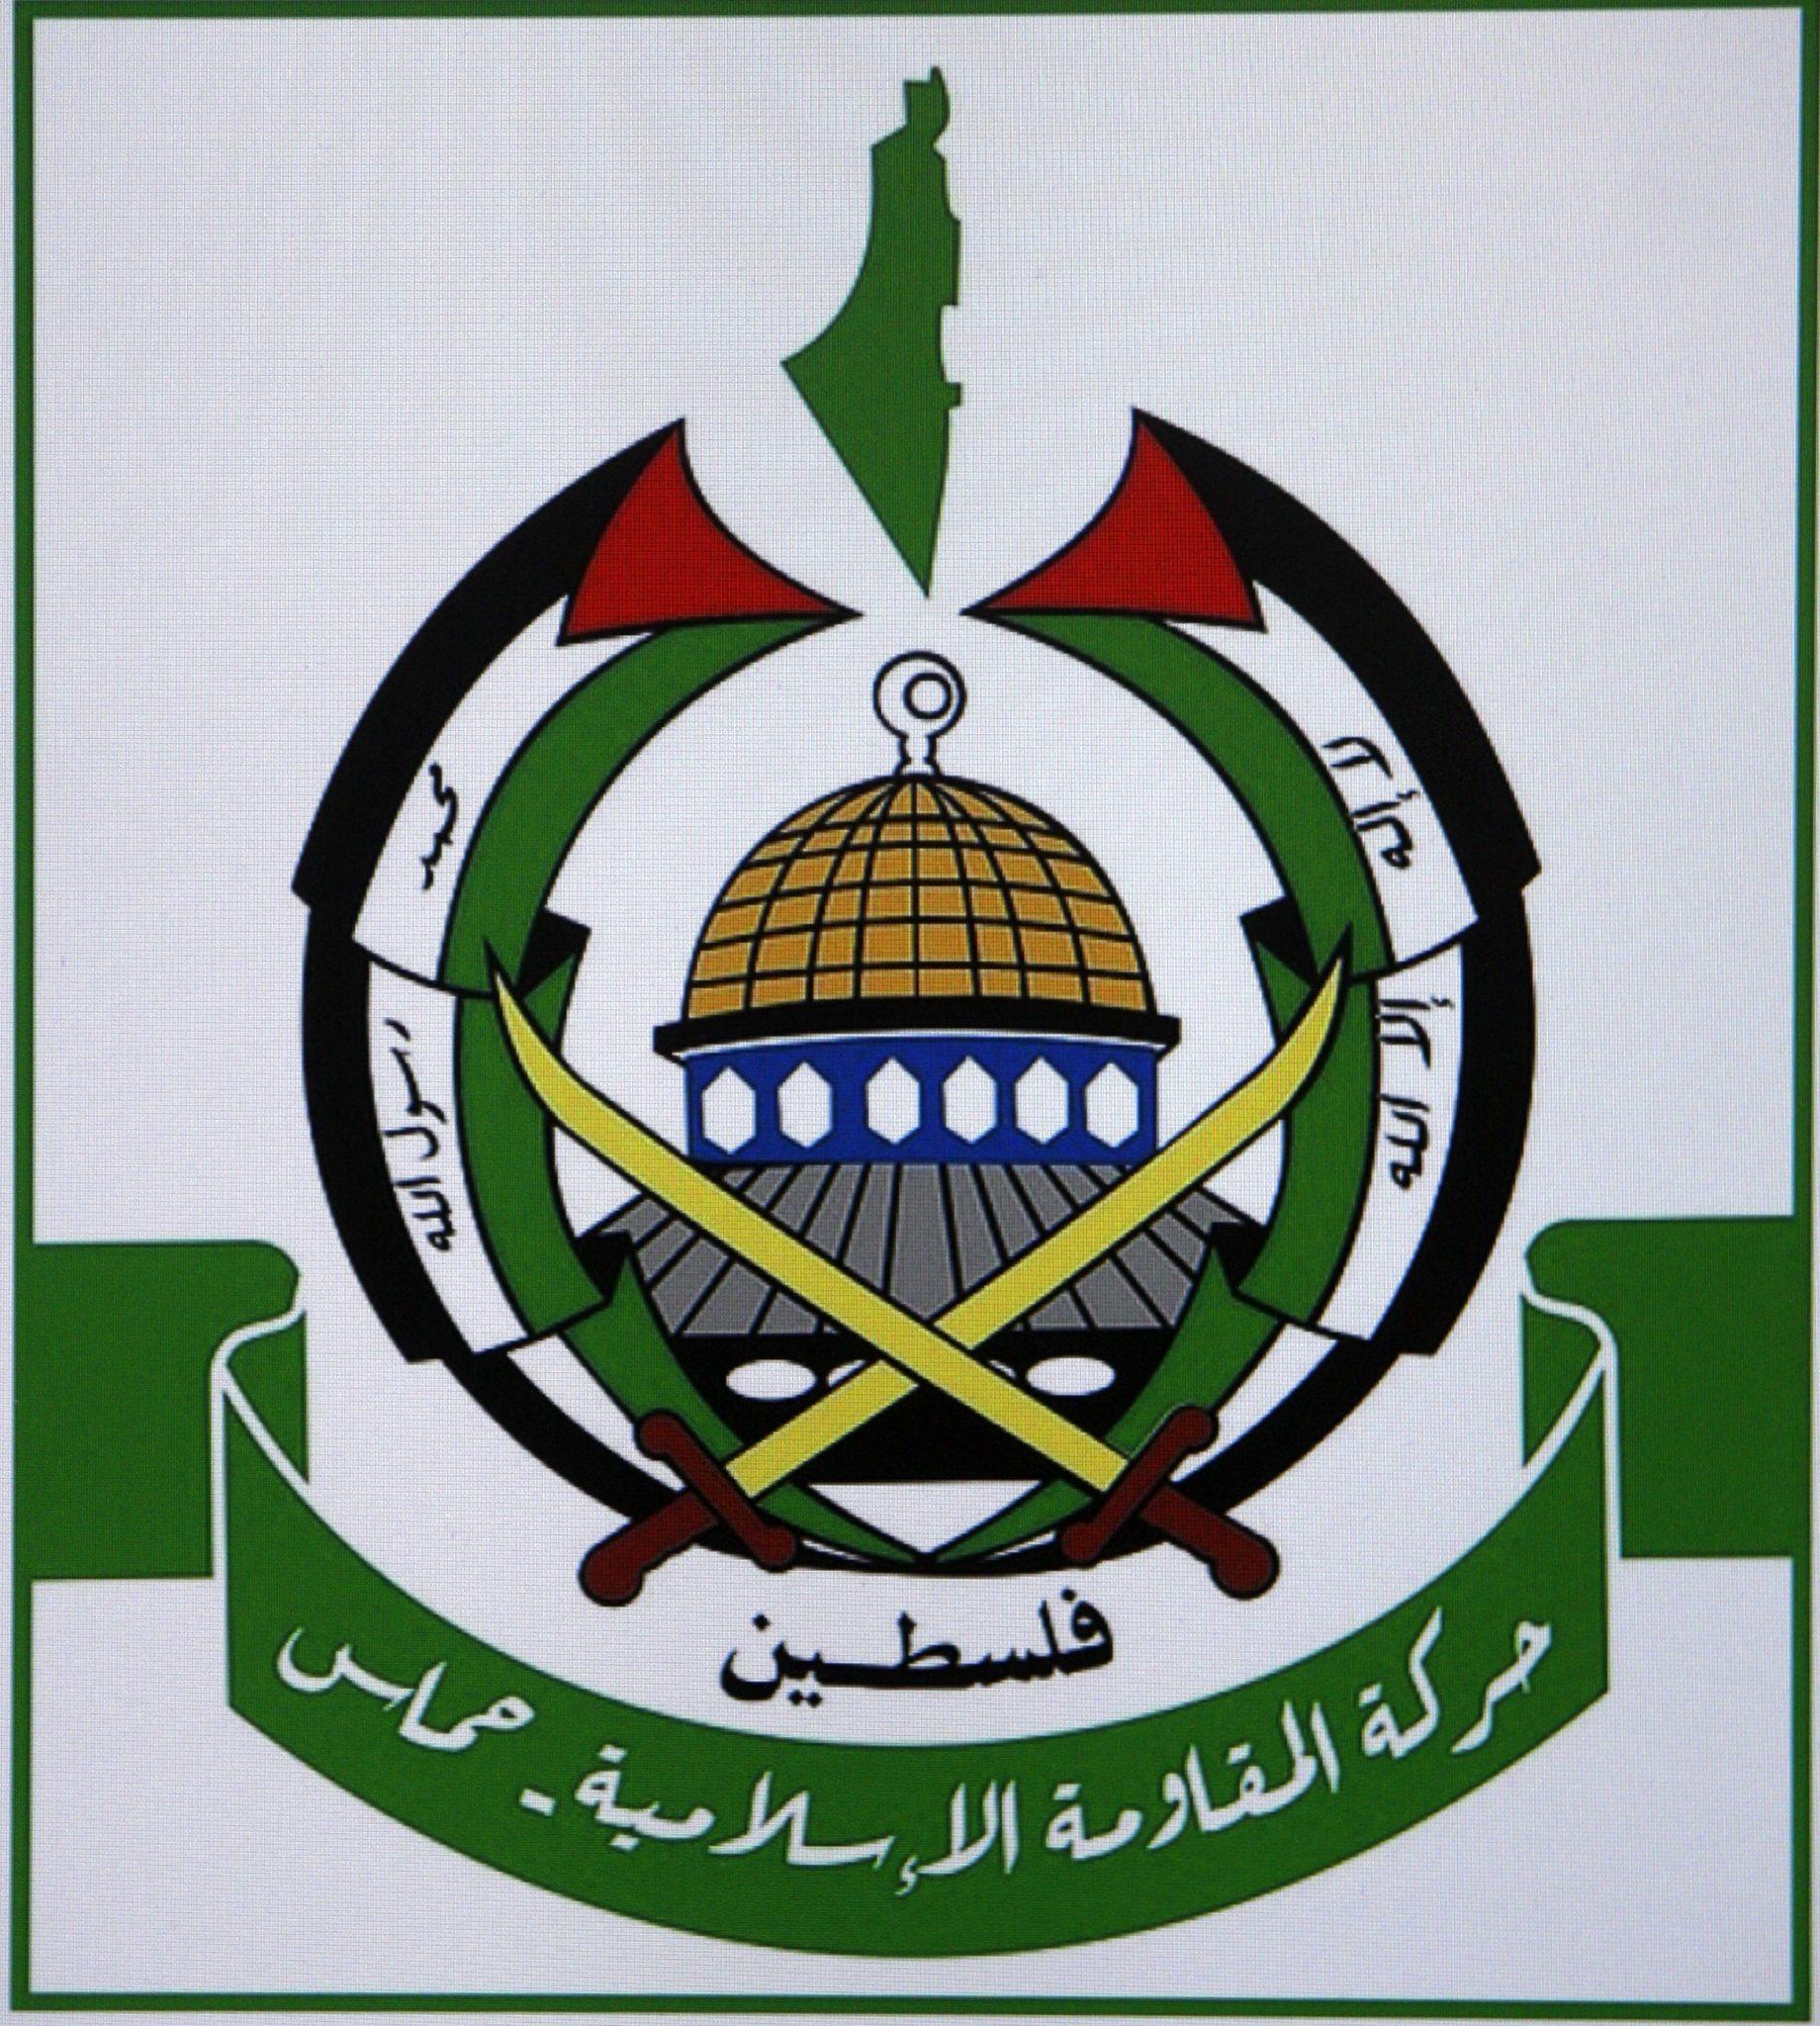 المحكمة الاوروبية تبقي حماس على لائحة الإرهاب